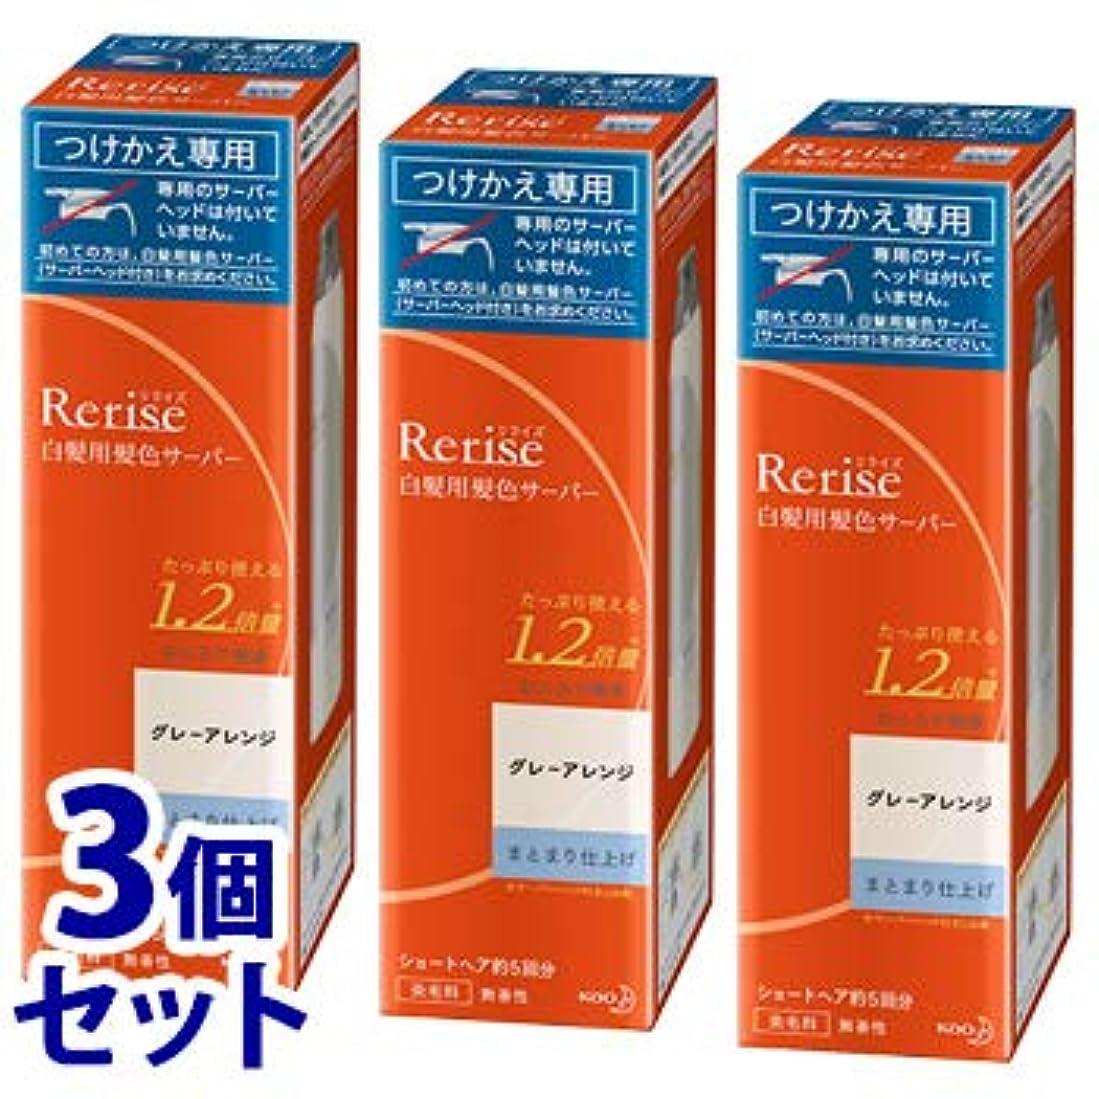 インストラクター湿気の多いセンブランス《セット販売》 花王 リライズ 白髪用髪色サーバー グレーアレンジ まとまり仕上げ つけかえ用 (190g)×3個セット 付け替え用 染毛料